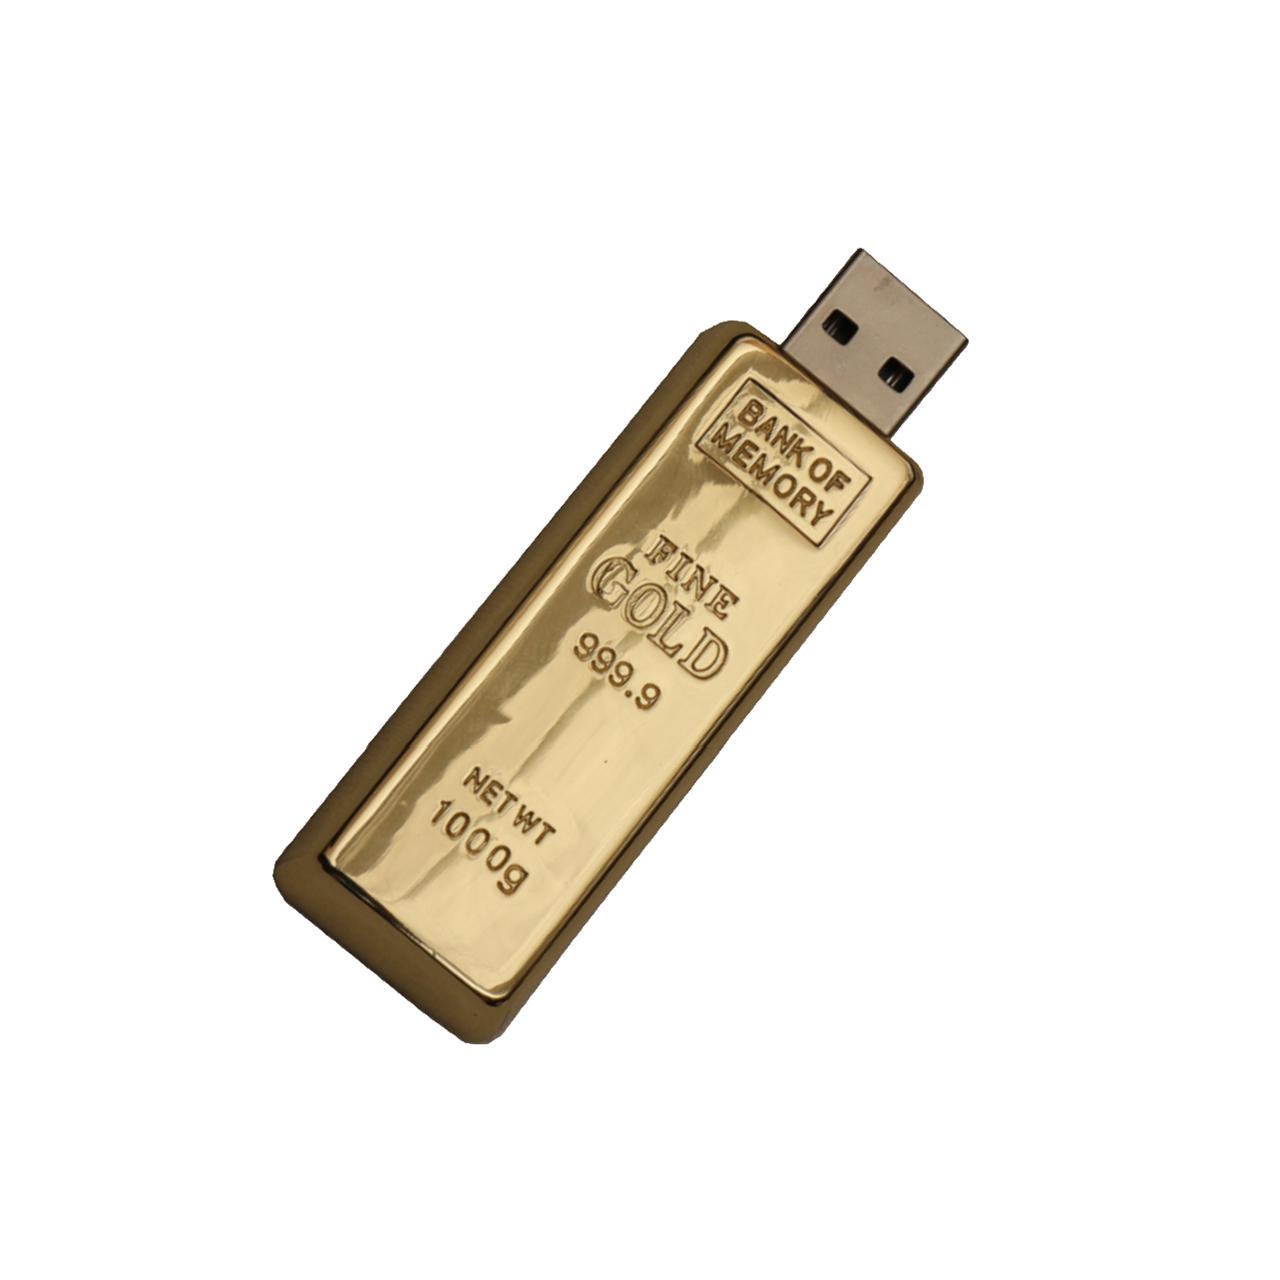 بررسی و {خرید با تخفیف}                                     فلش مموری طرح شمش طلا مدل DME1046-U3 ظرفیت 128 گیگابایت                             اصل